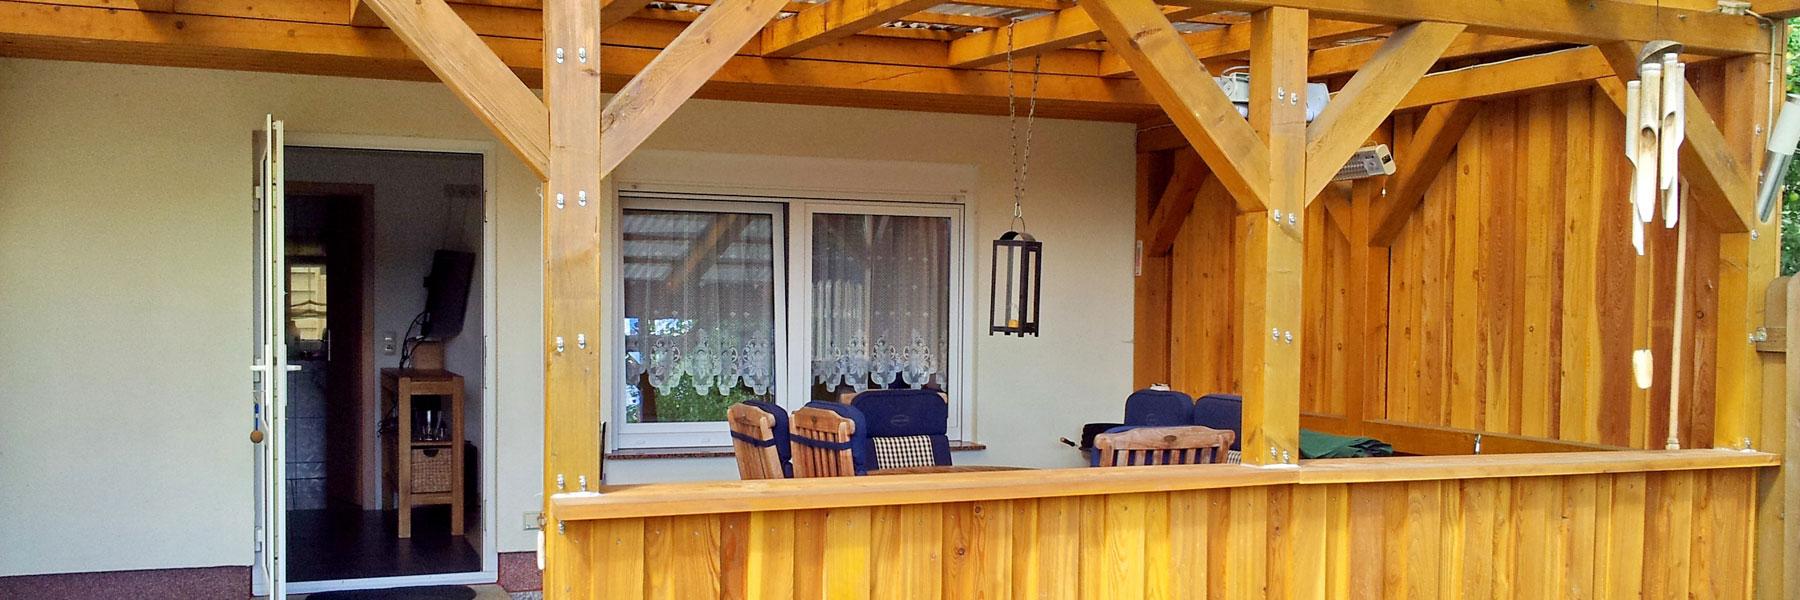 Terrasse - Ferienhaus am Tiefwarensee